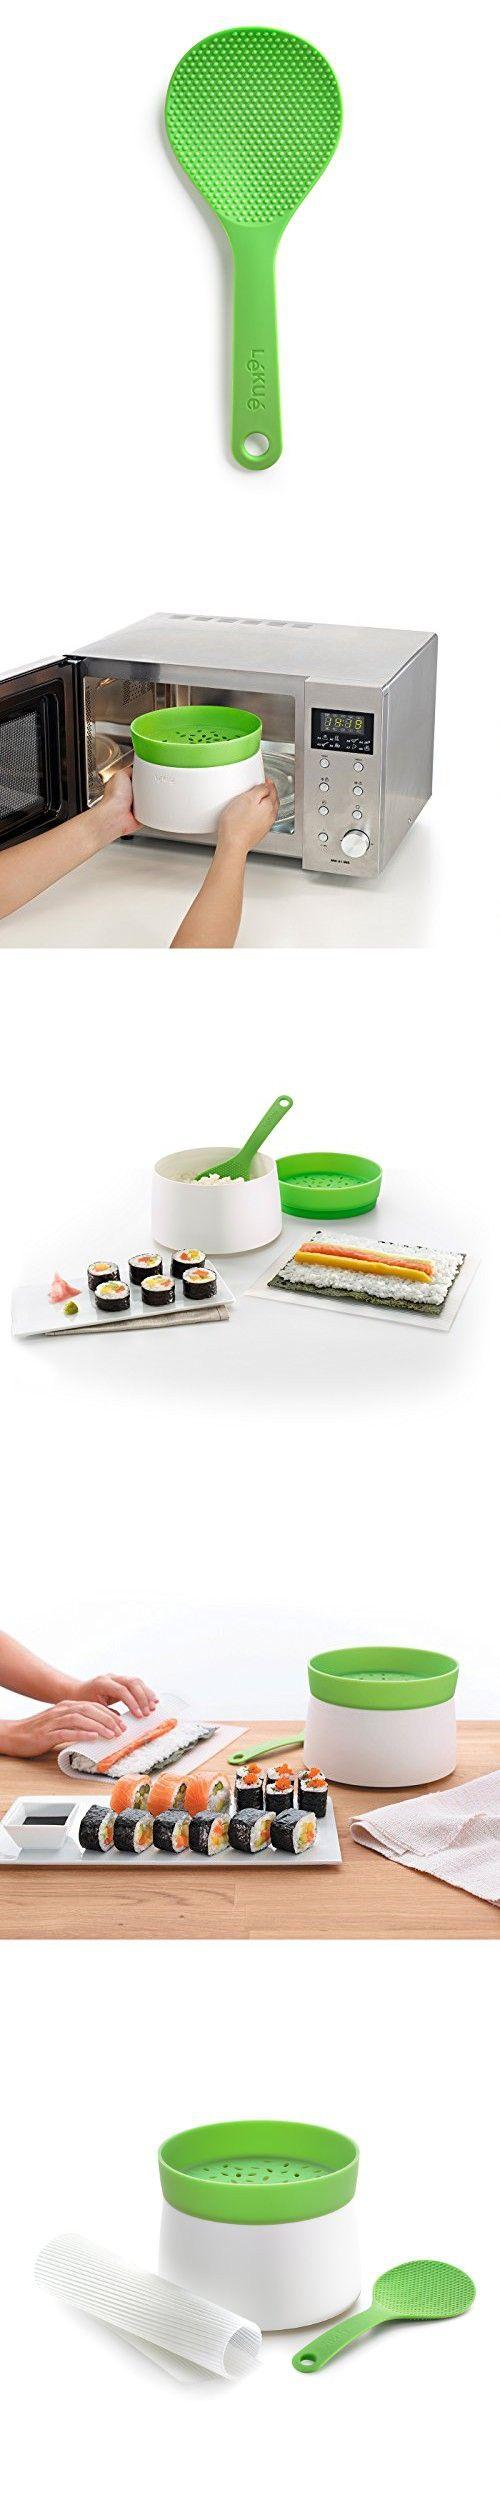 Lekue Kit Sushi Rice Microwave Steamer Maker 3427